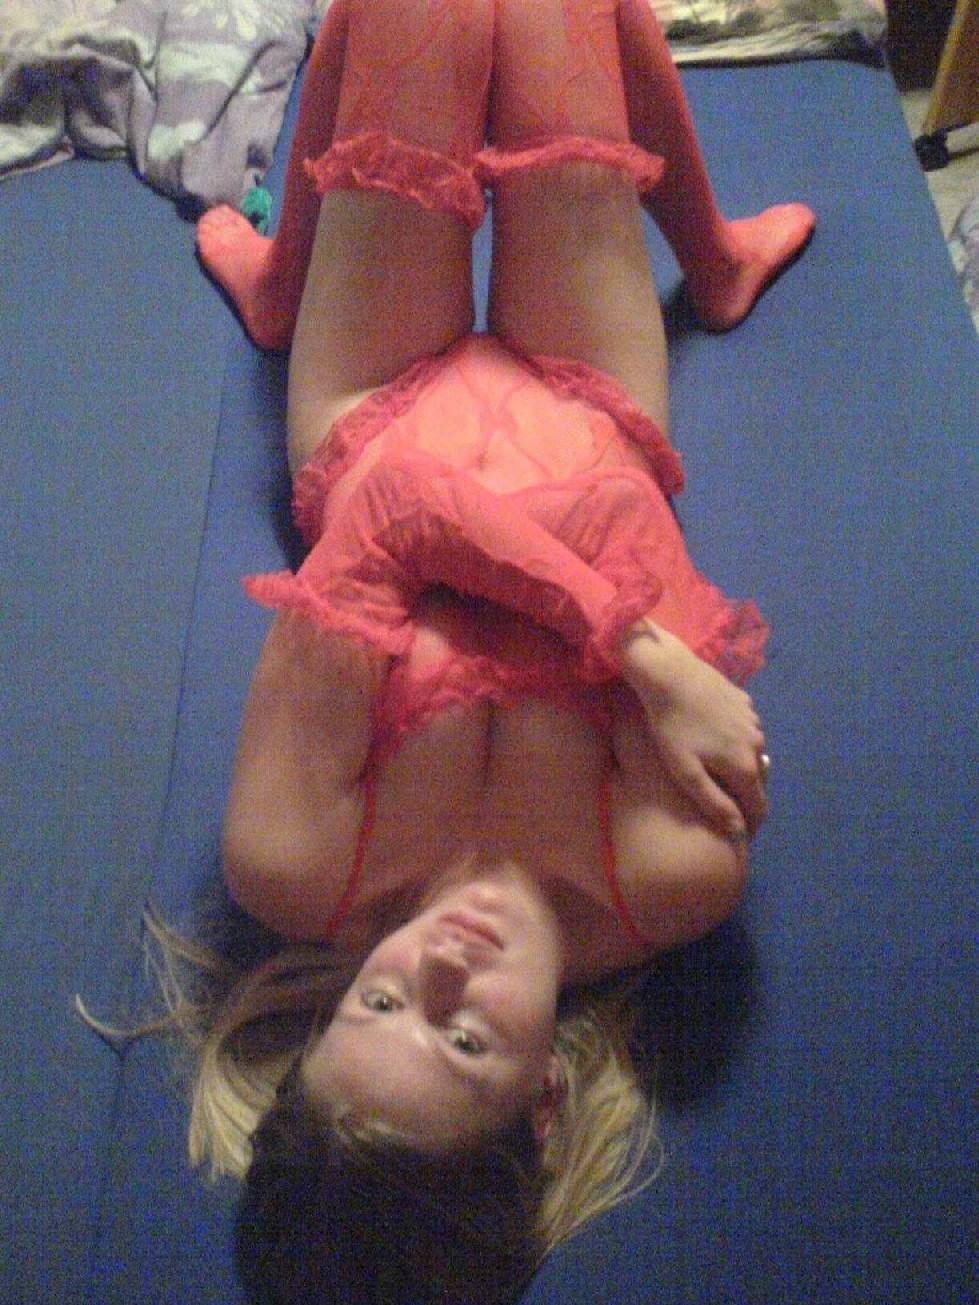 Девка в красном корсете лазит по полу и соблазняет мужа